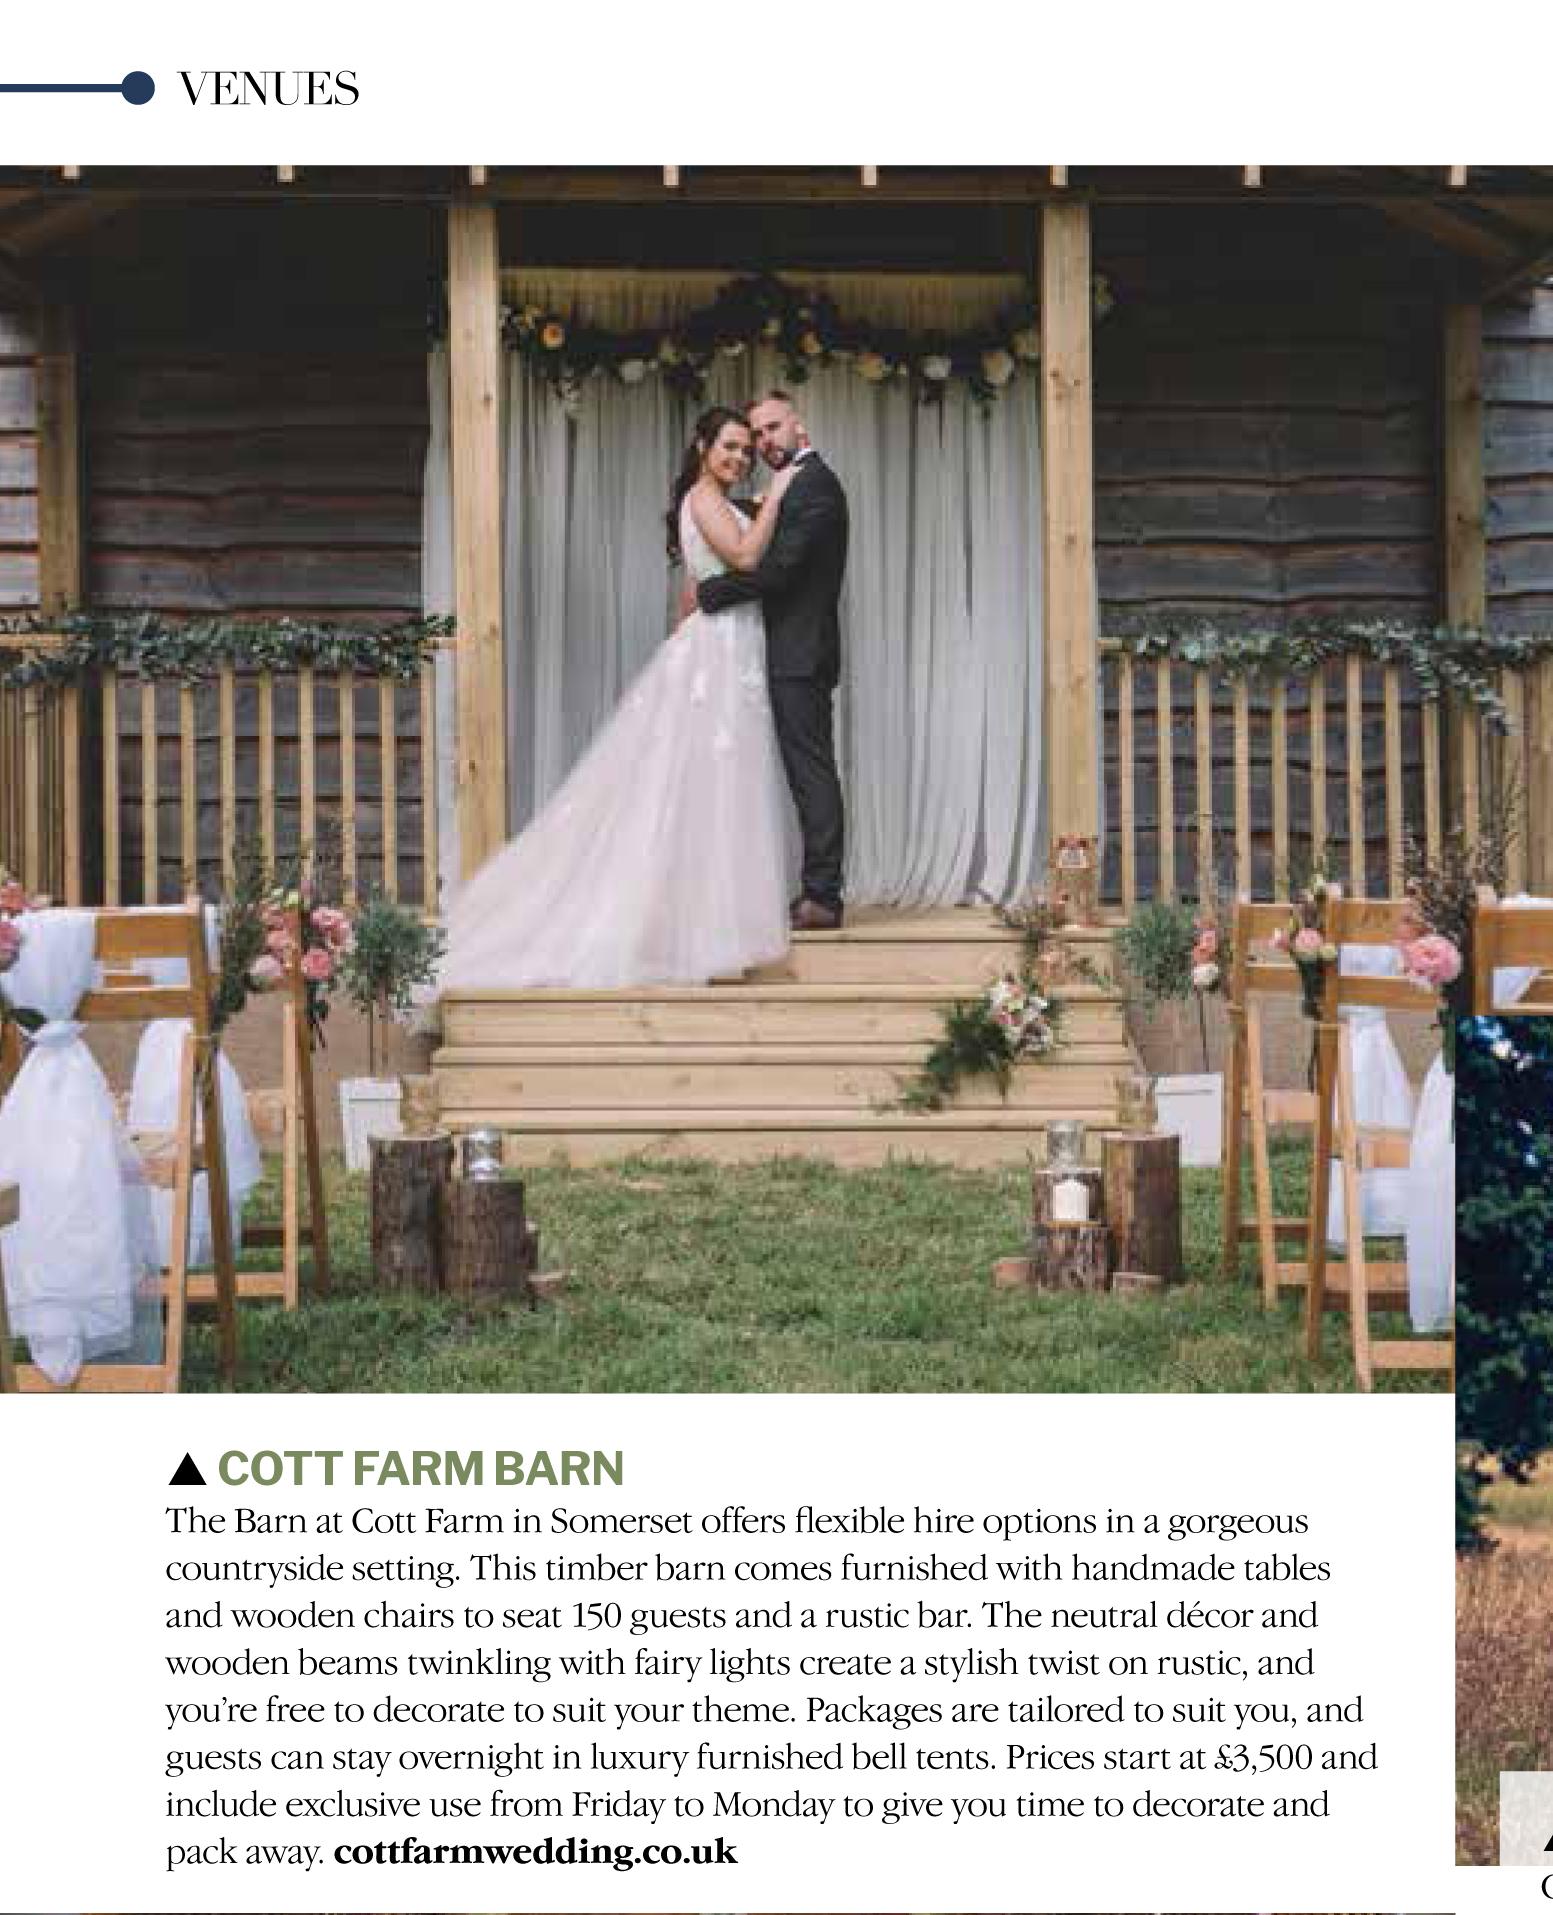 Wedding Ideas Magazine August 2017